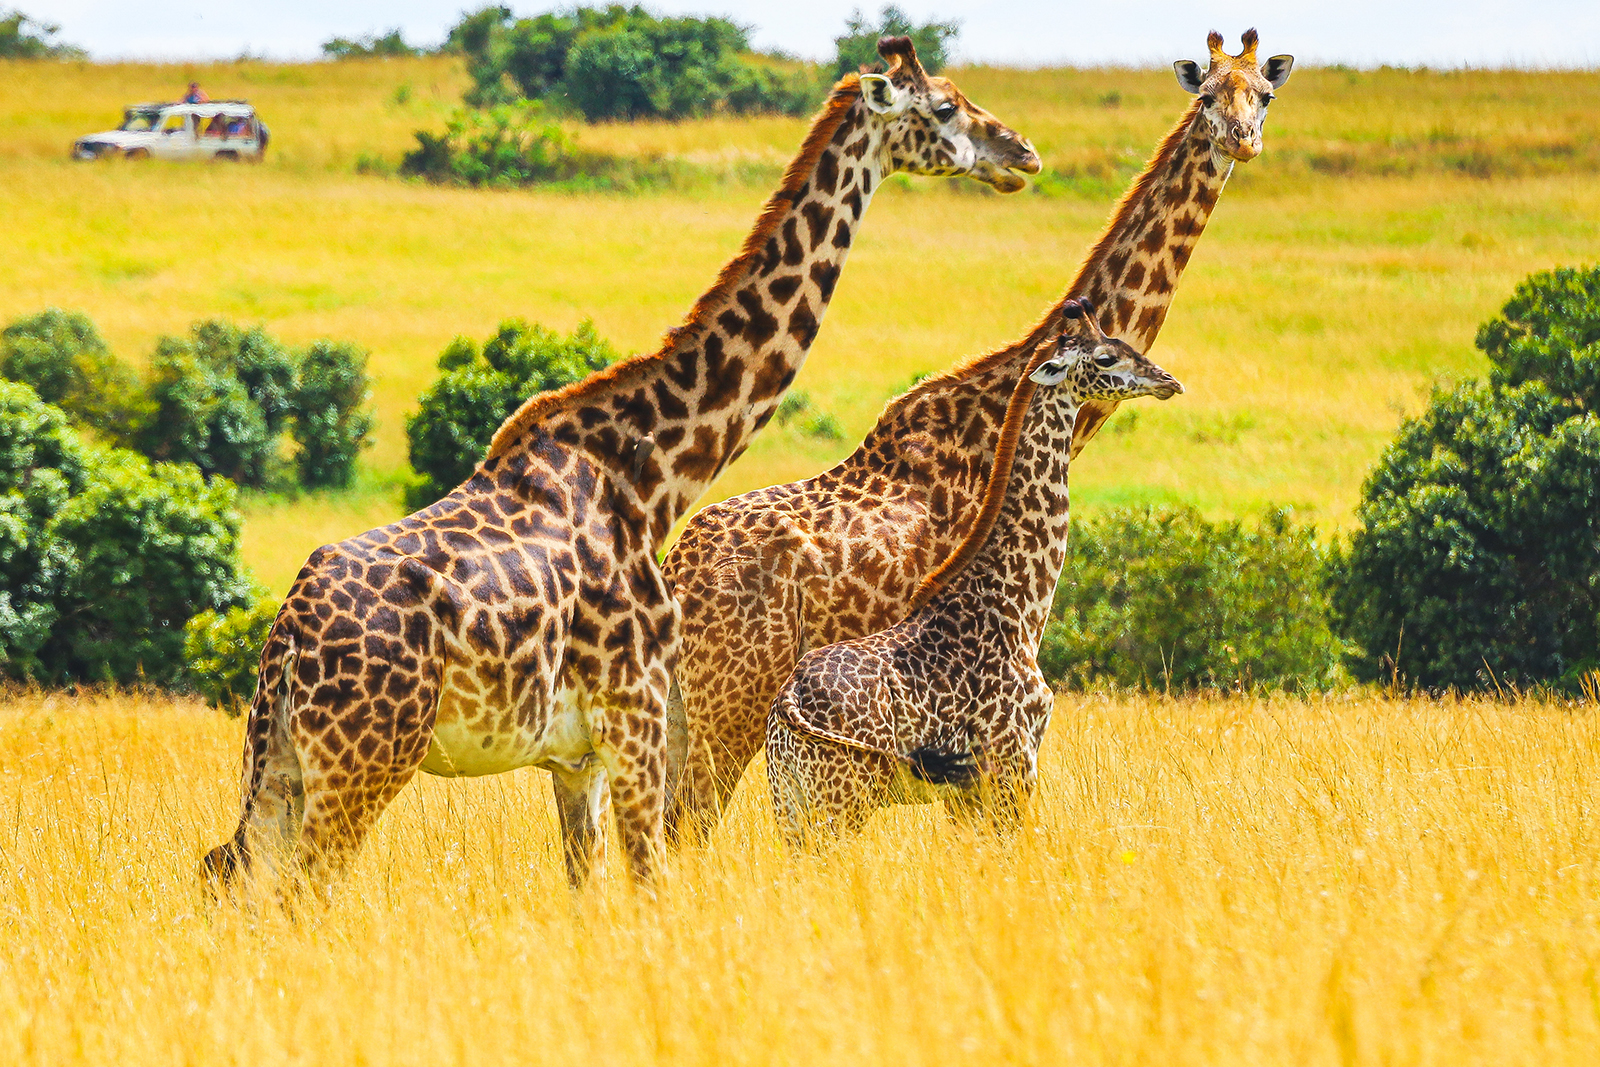 Следующая остановка --Африка гид,заграница,поездка,самостоятельные путешествия,страны,туризм